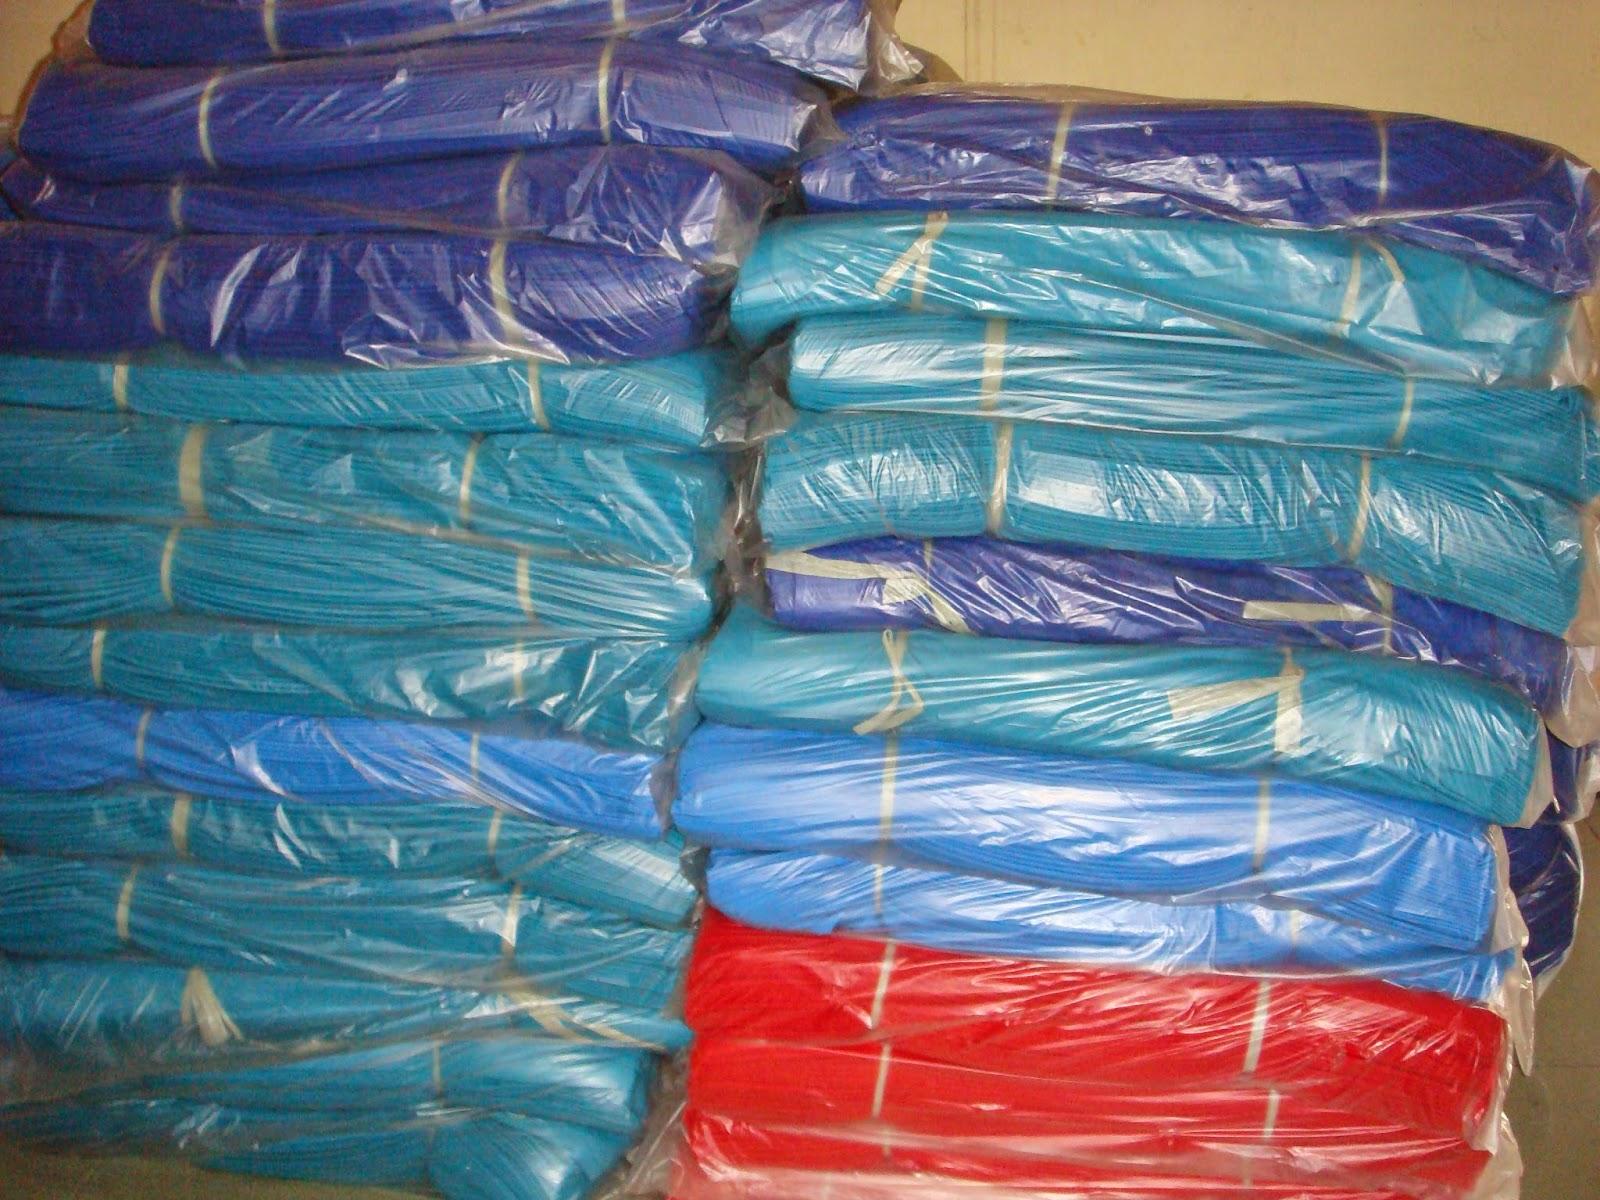 Mua Bán Vải Cotton May Quần Áo Tại TPHCM